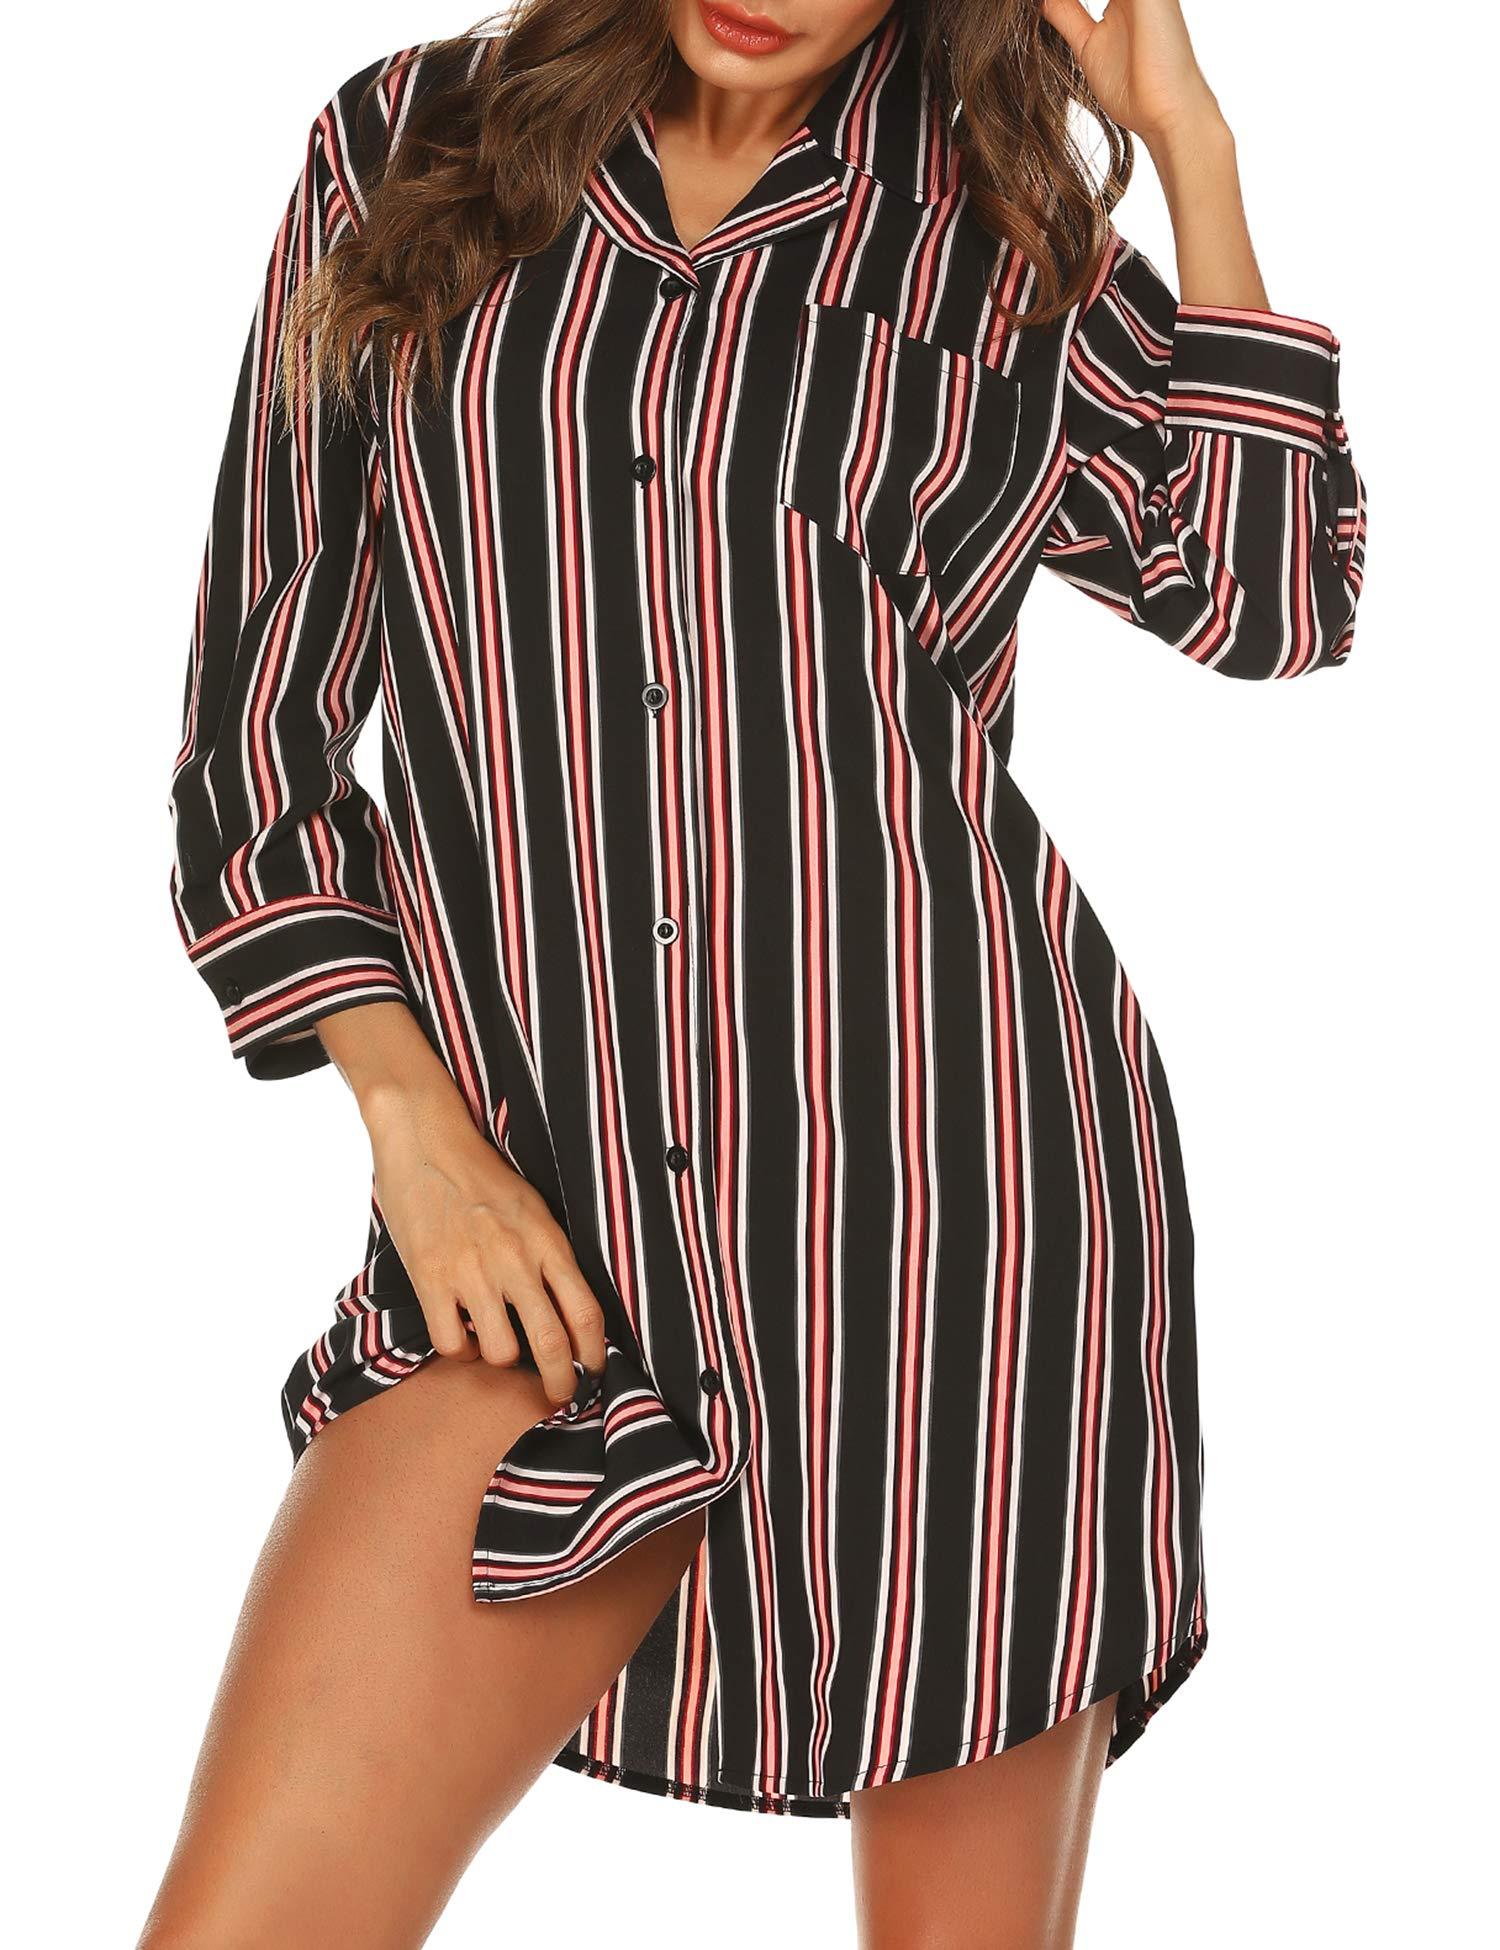 URRU Women's Boyfriend Nightshirt 3/4 Sleeve Button Down Striped Nightgown Sleepwear S-XXL